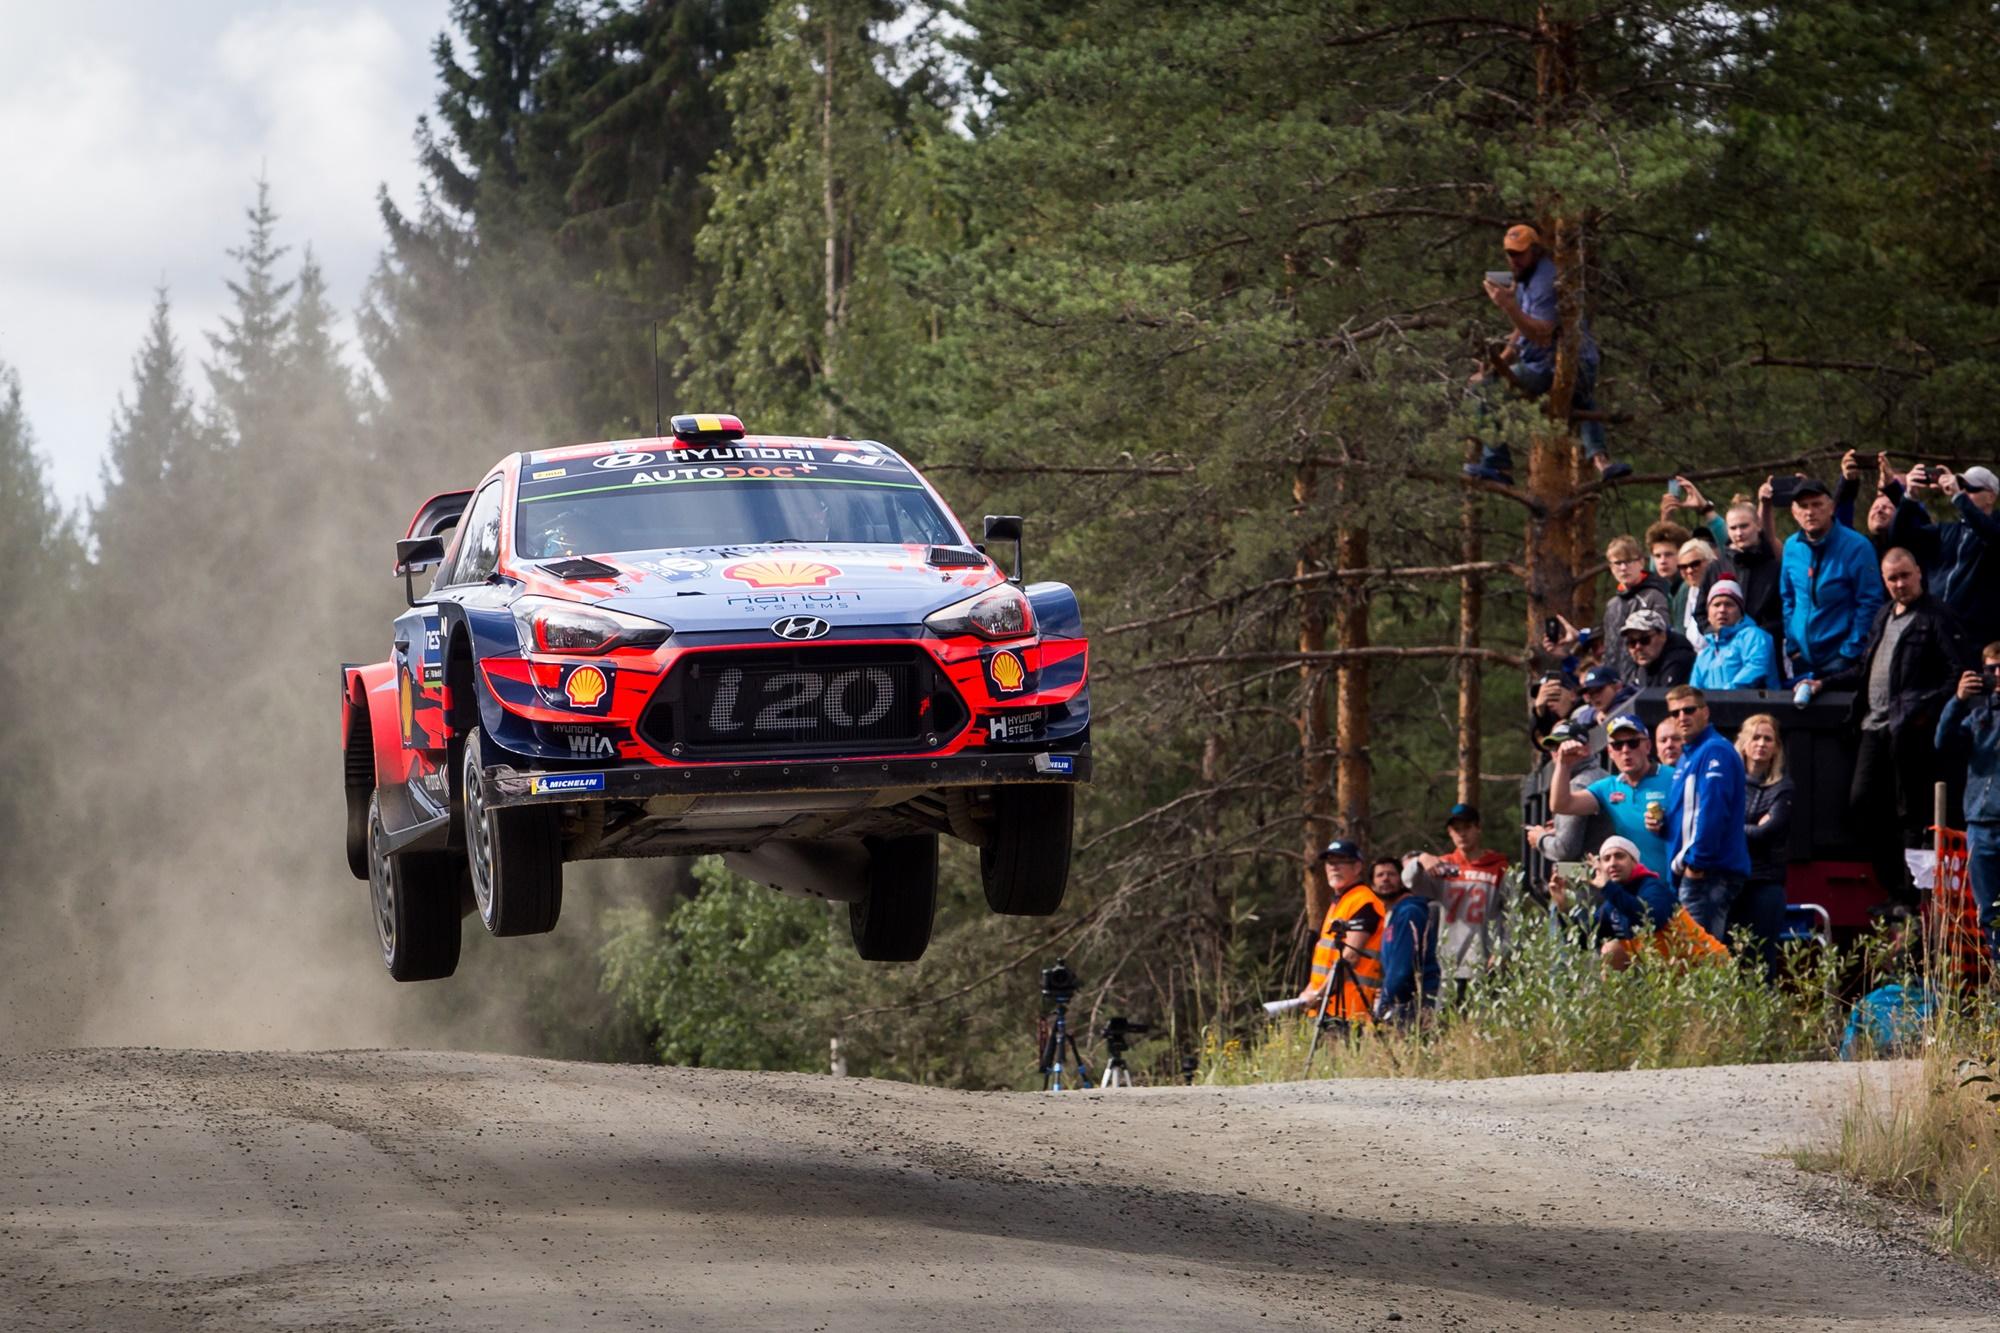 현대차, 토요타 누르고 WRC 제조사 부문 우승